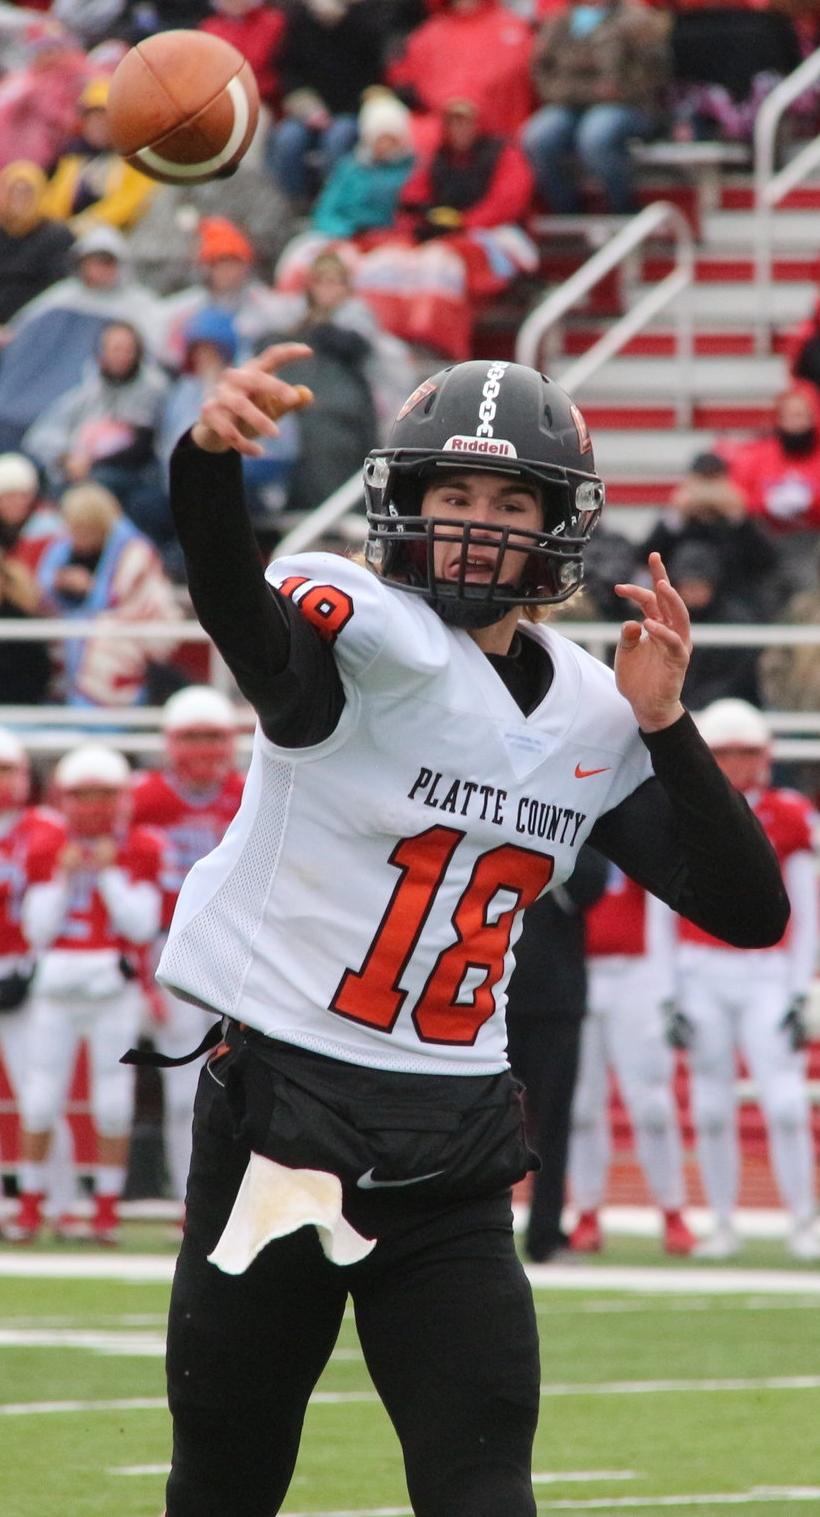 Platte County senior quarterback Tanner Clarkson